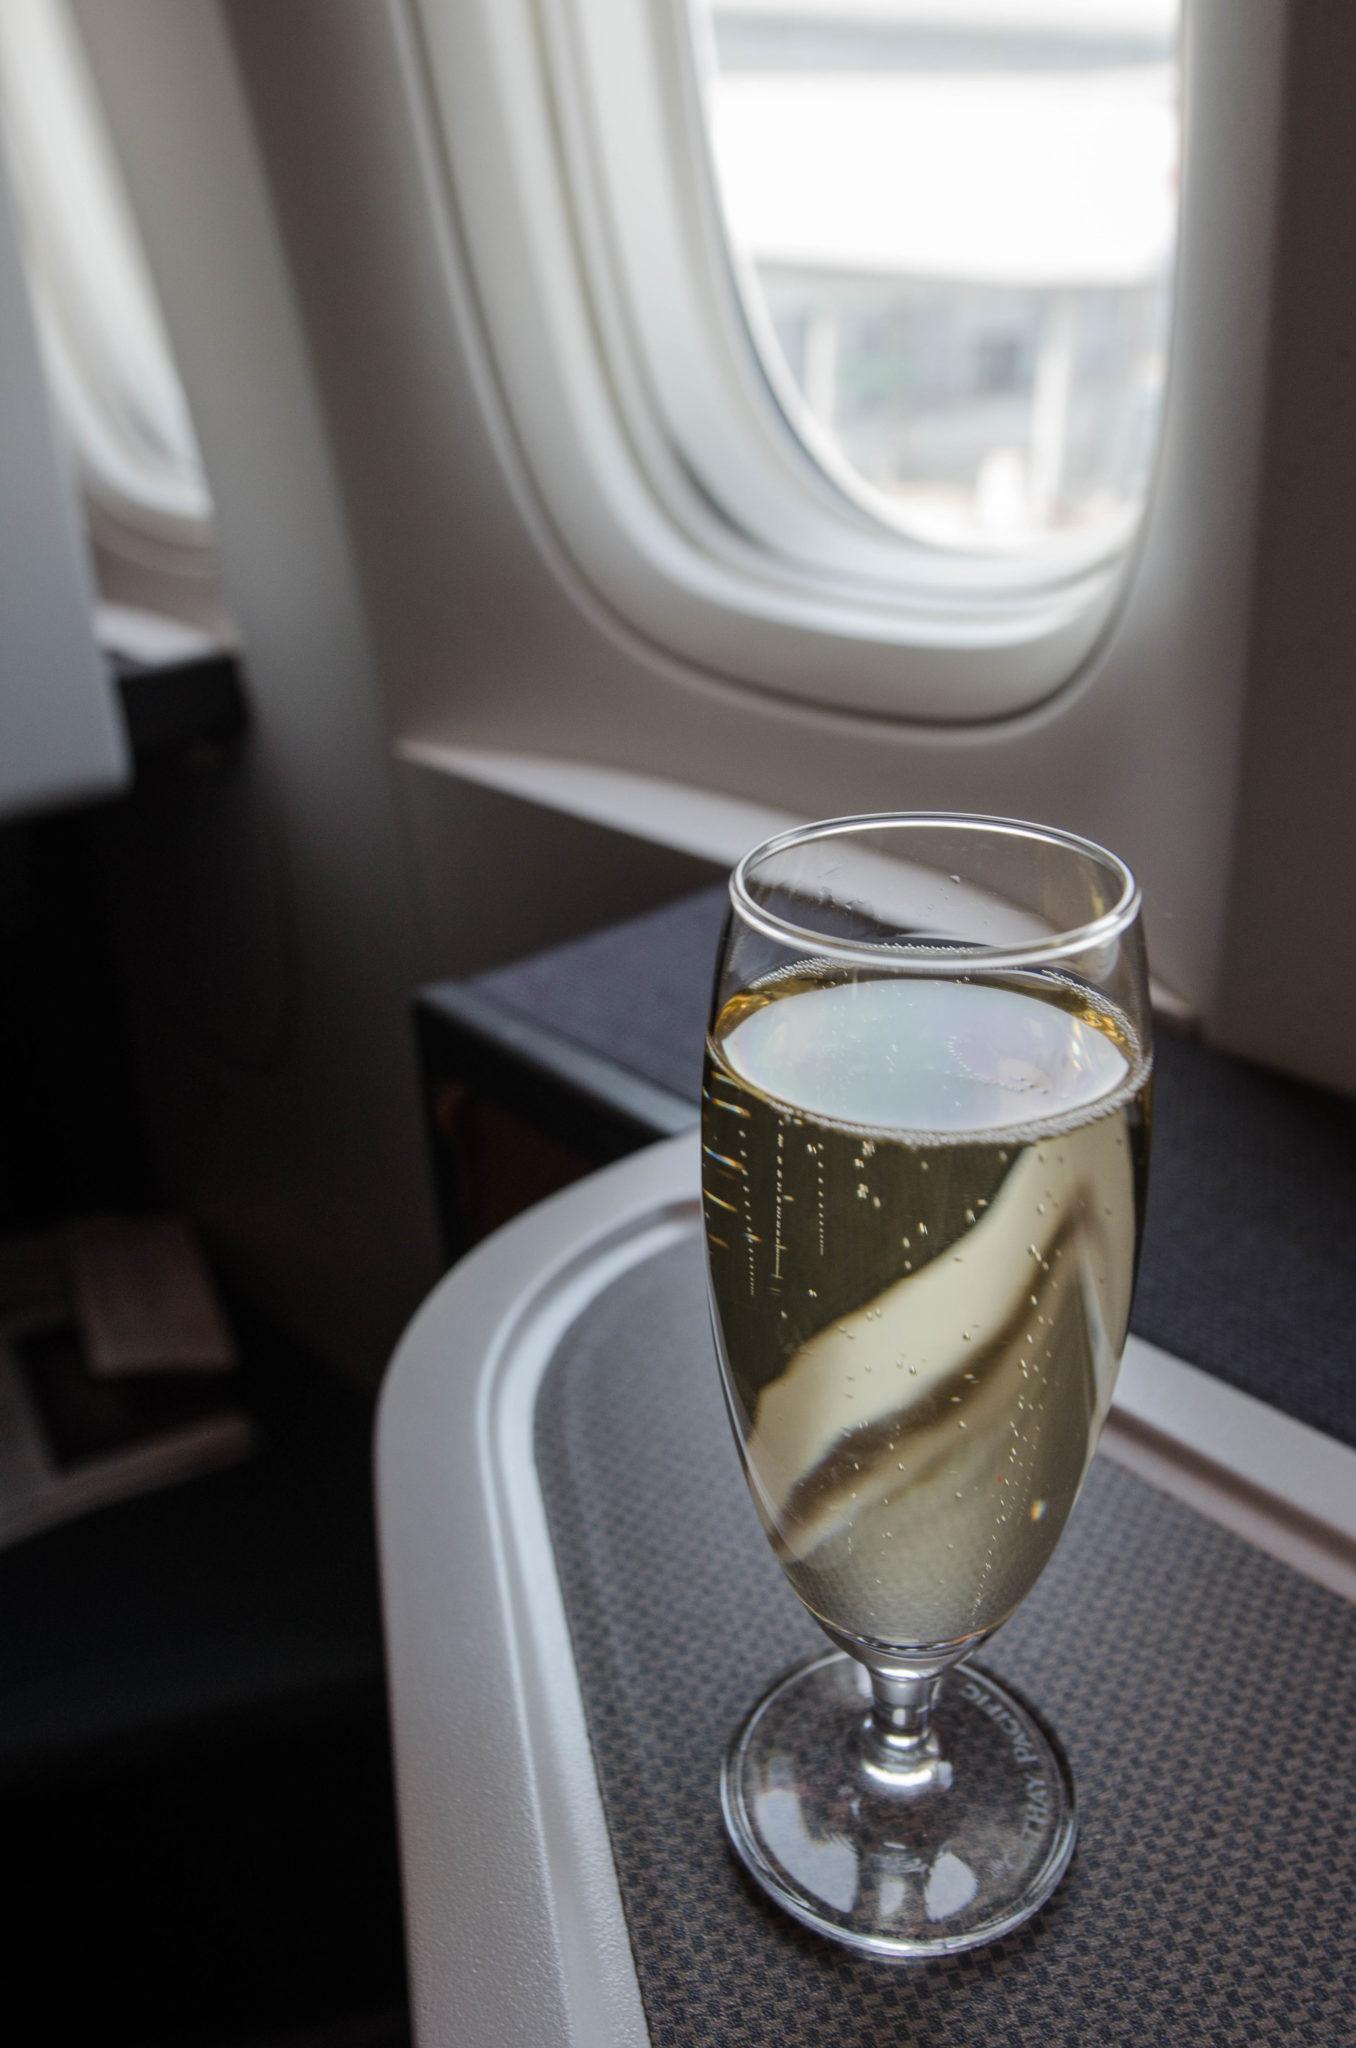 Der Flug in der Cathay Pacific Business Class startet gediegen.